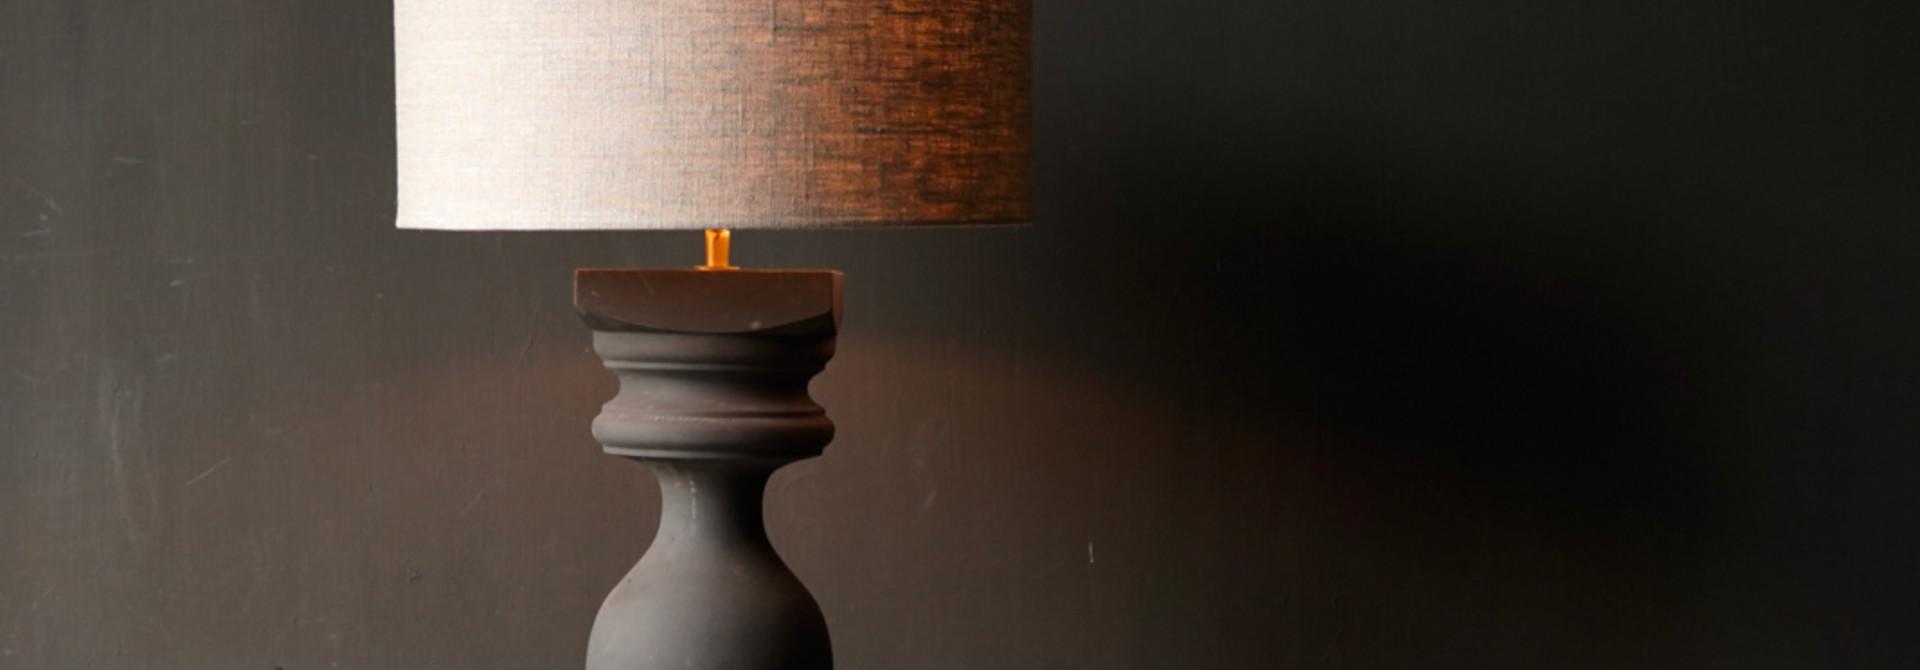 Houten Baluster lamp voet